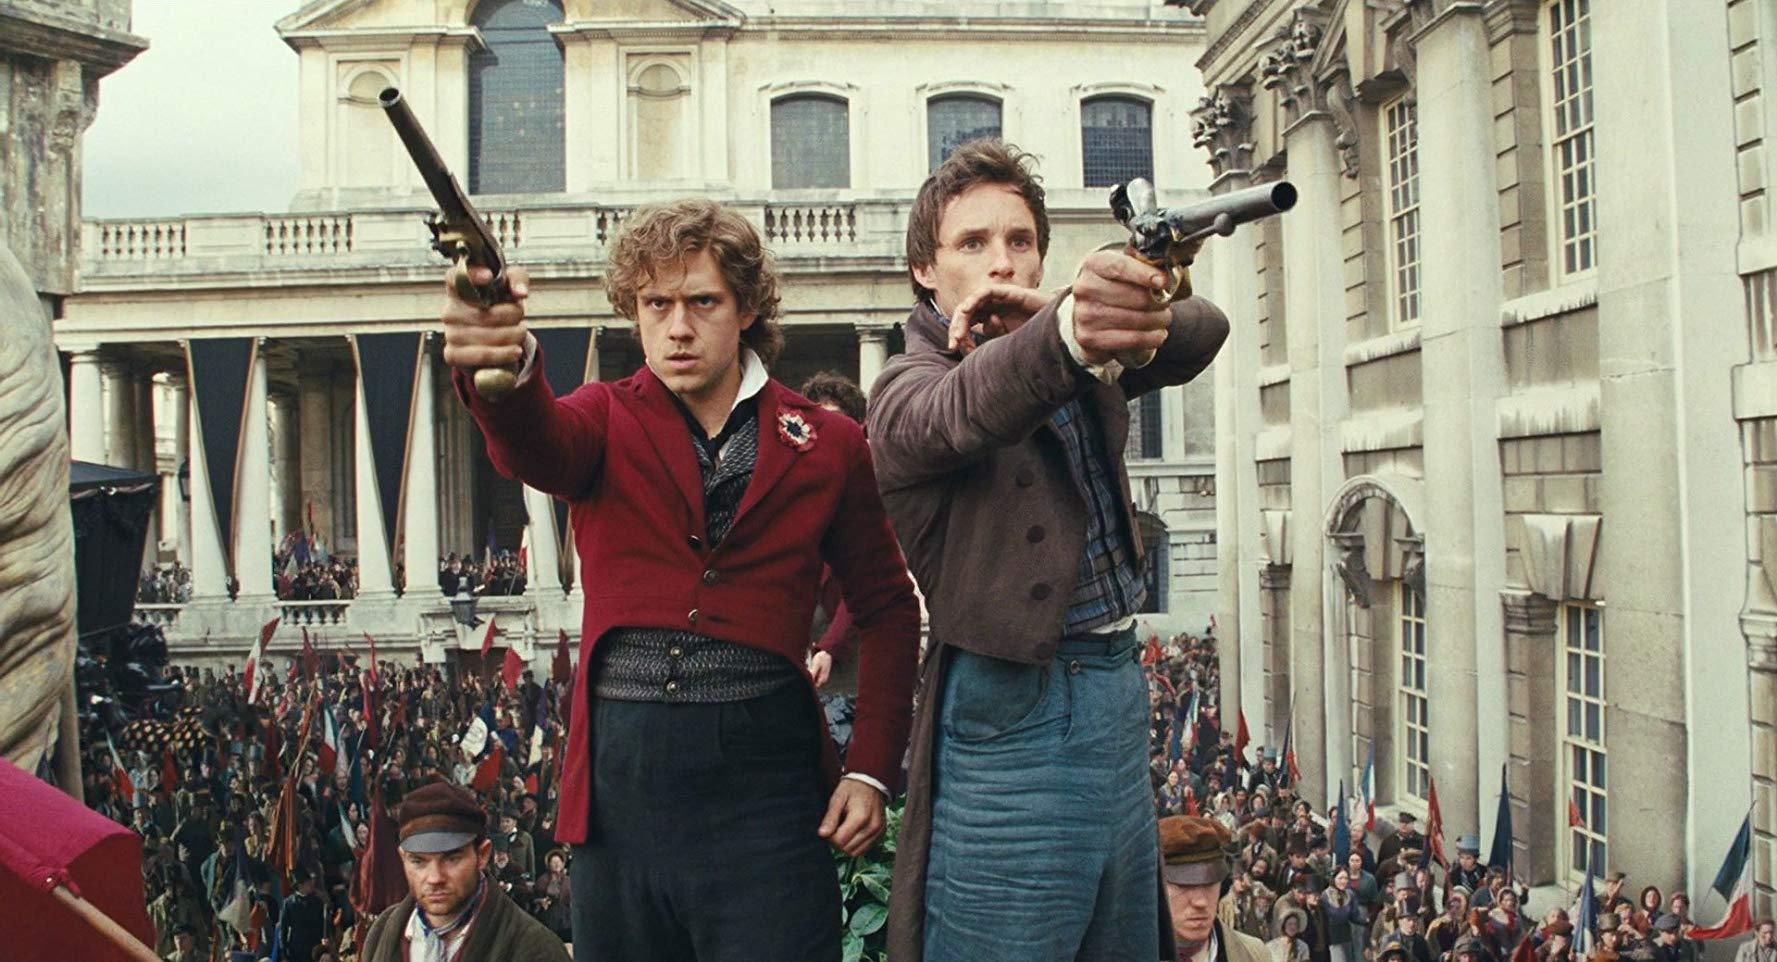 【解説】「革命」ってフランス革命とは違うの?